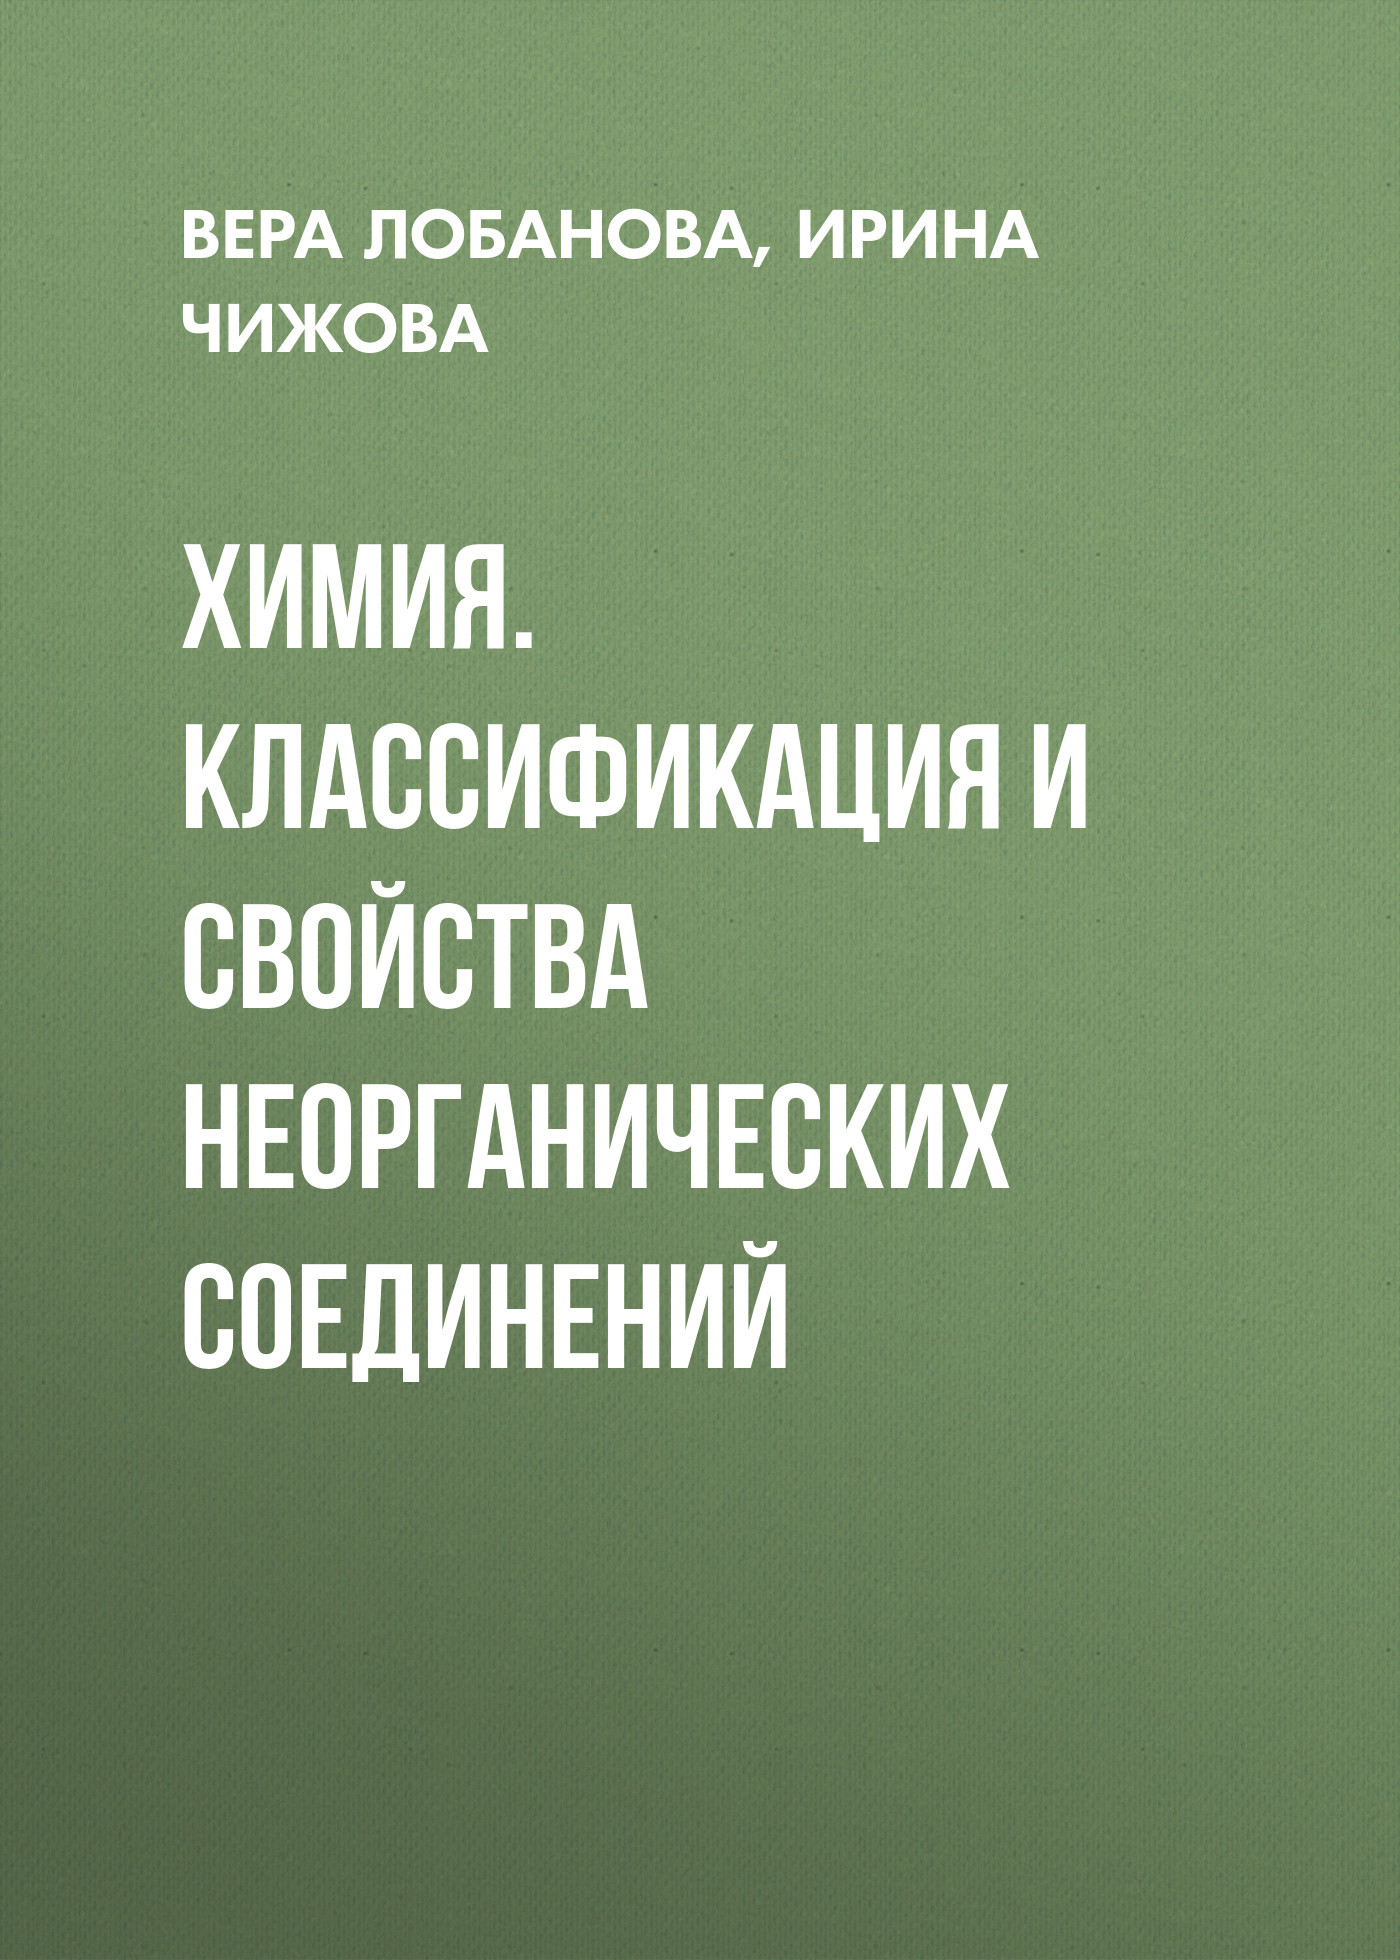 Ирина Чижова. Химия. Классификация и свойства неорганических соединений